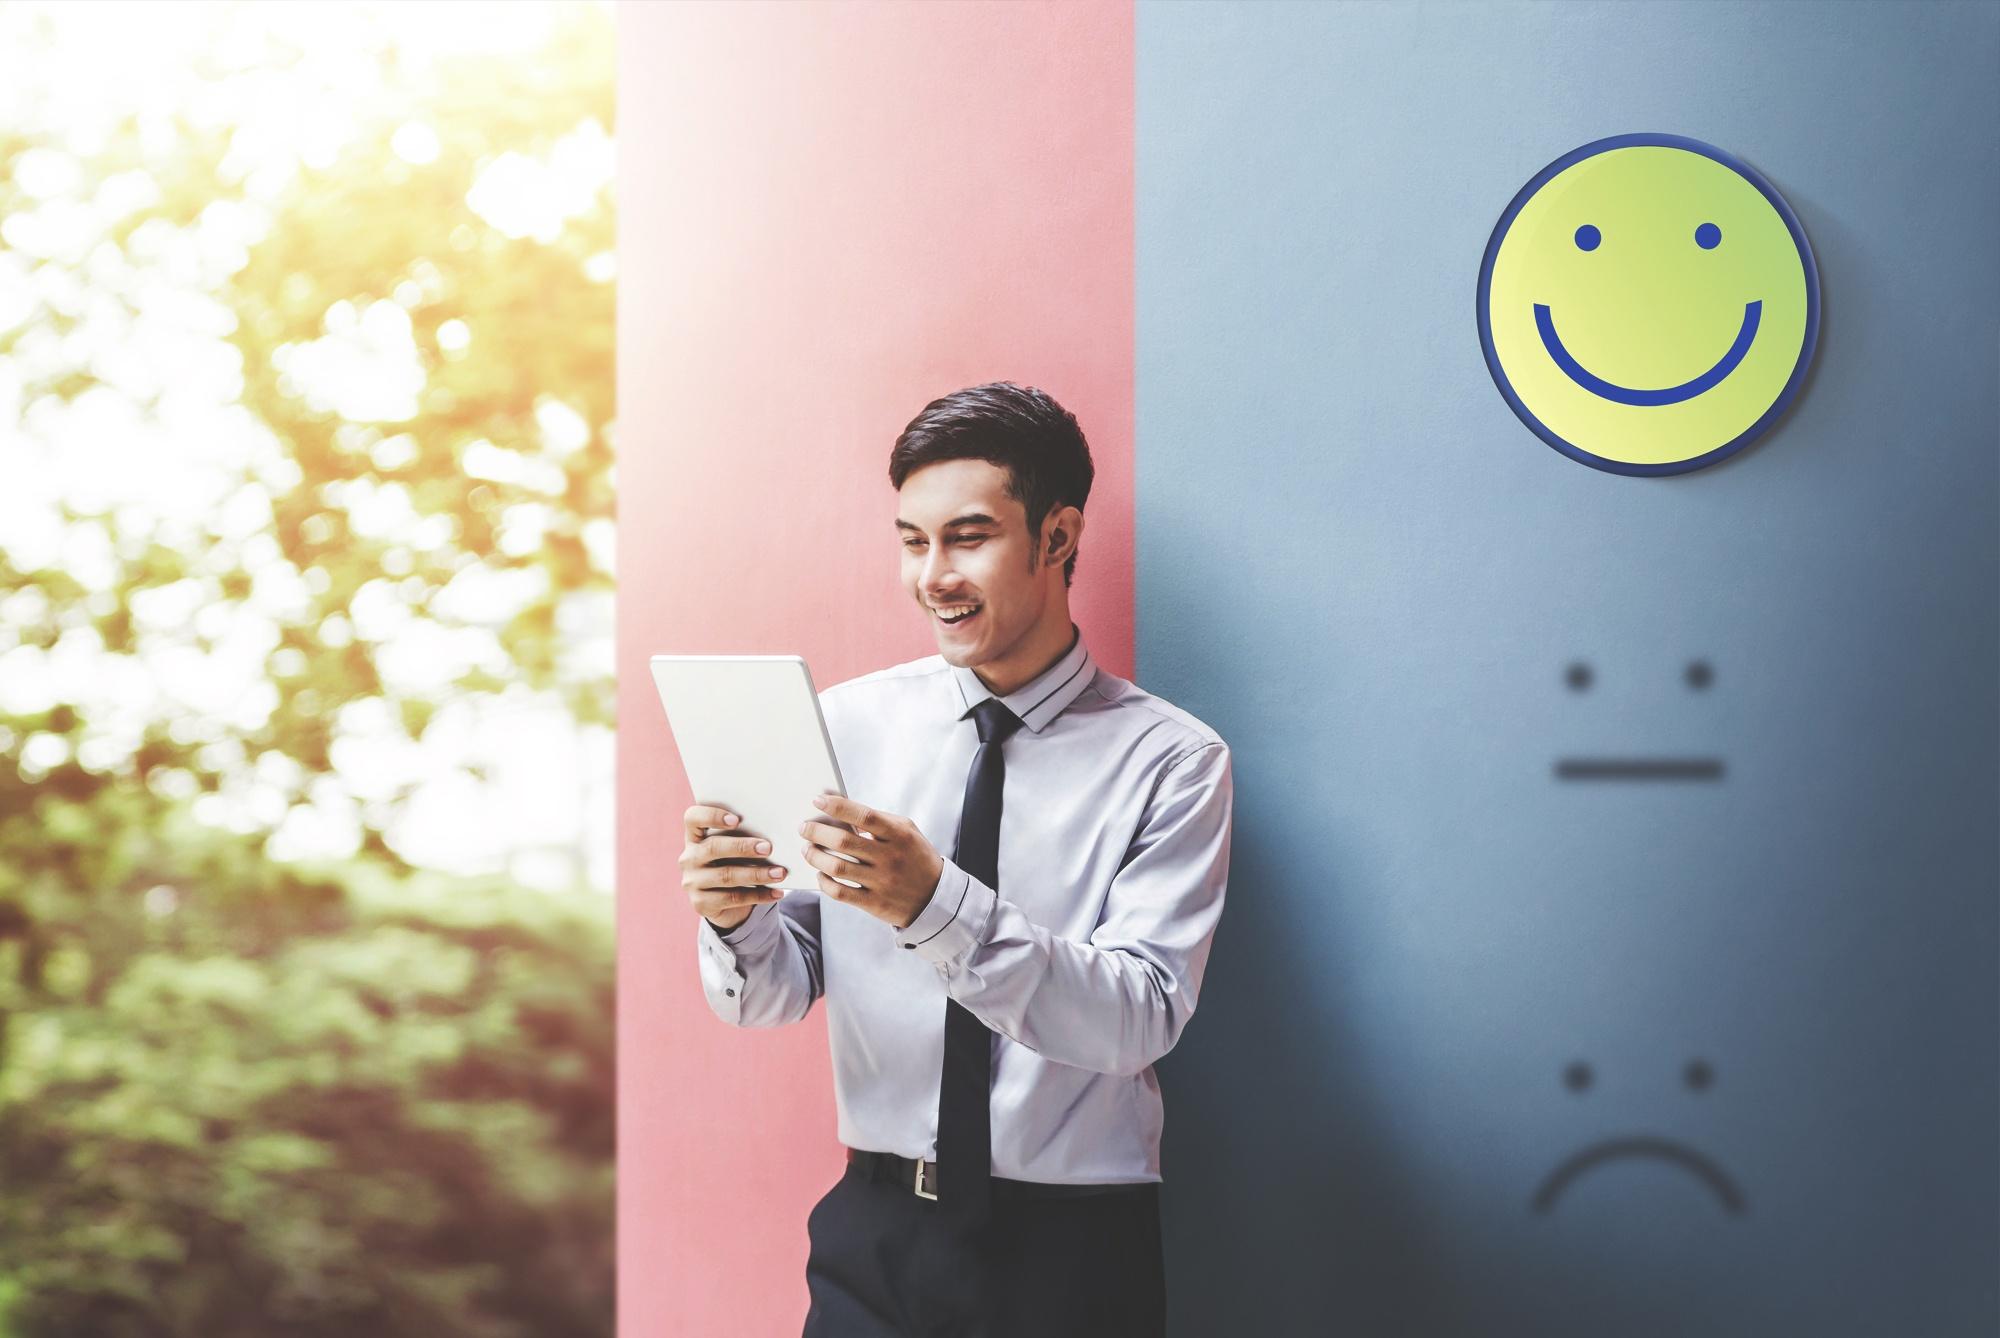 happy-man-smily-emoji